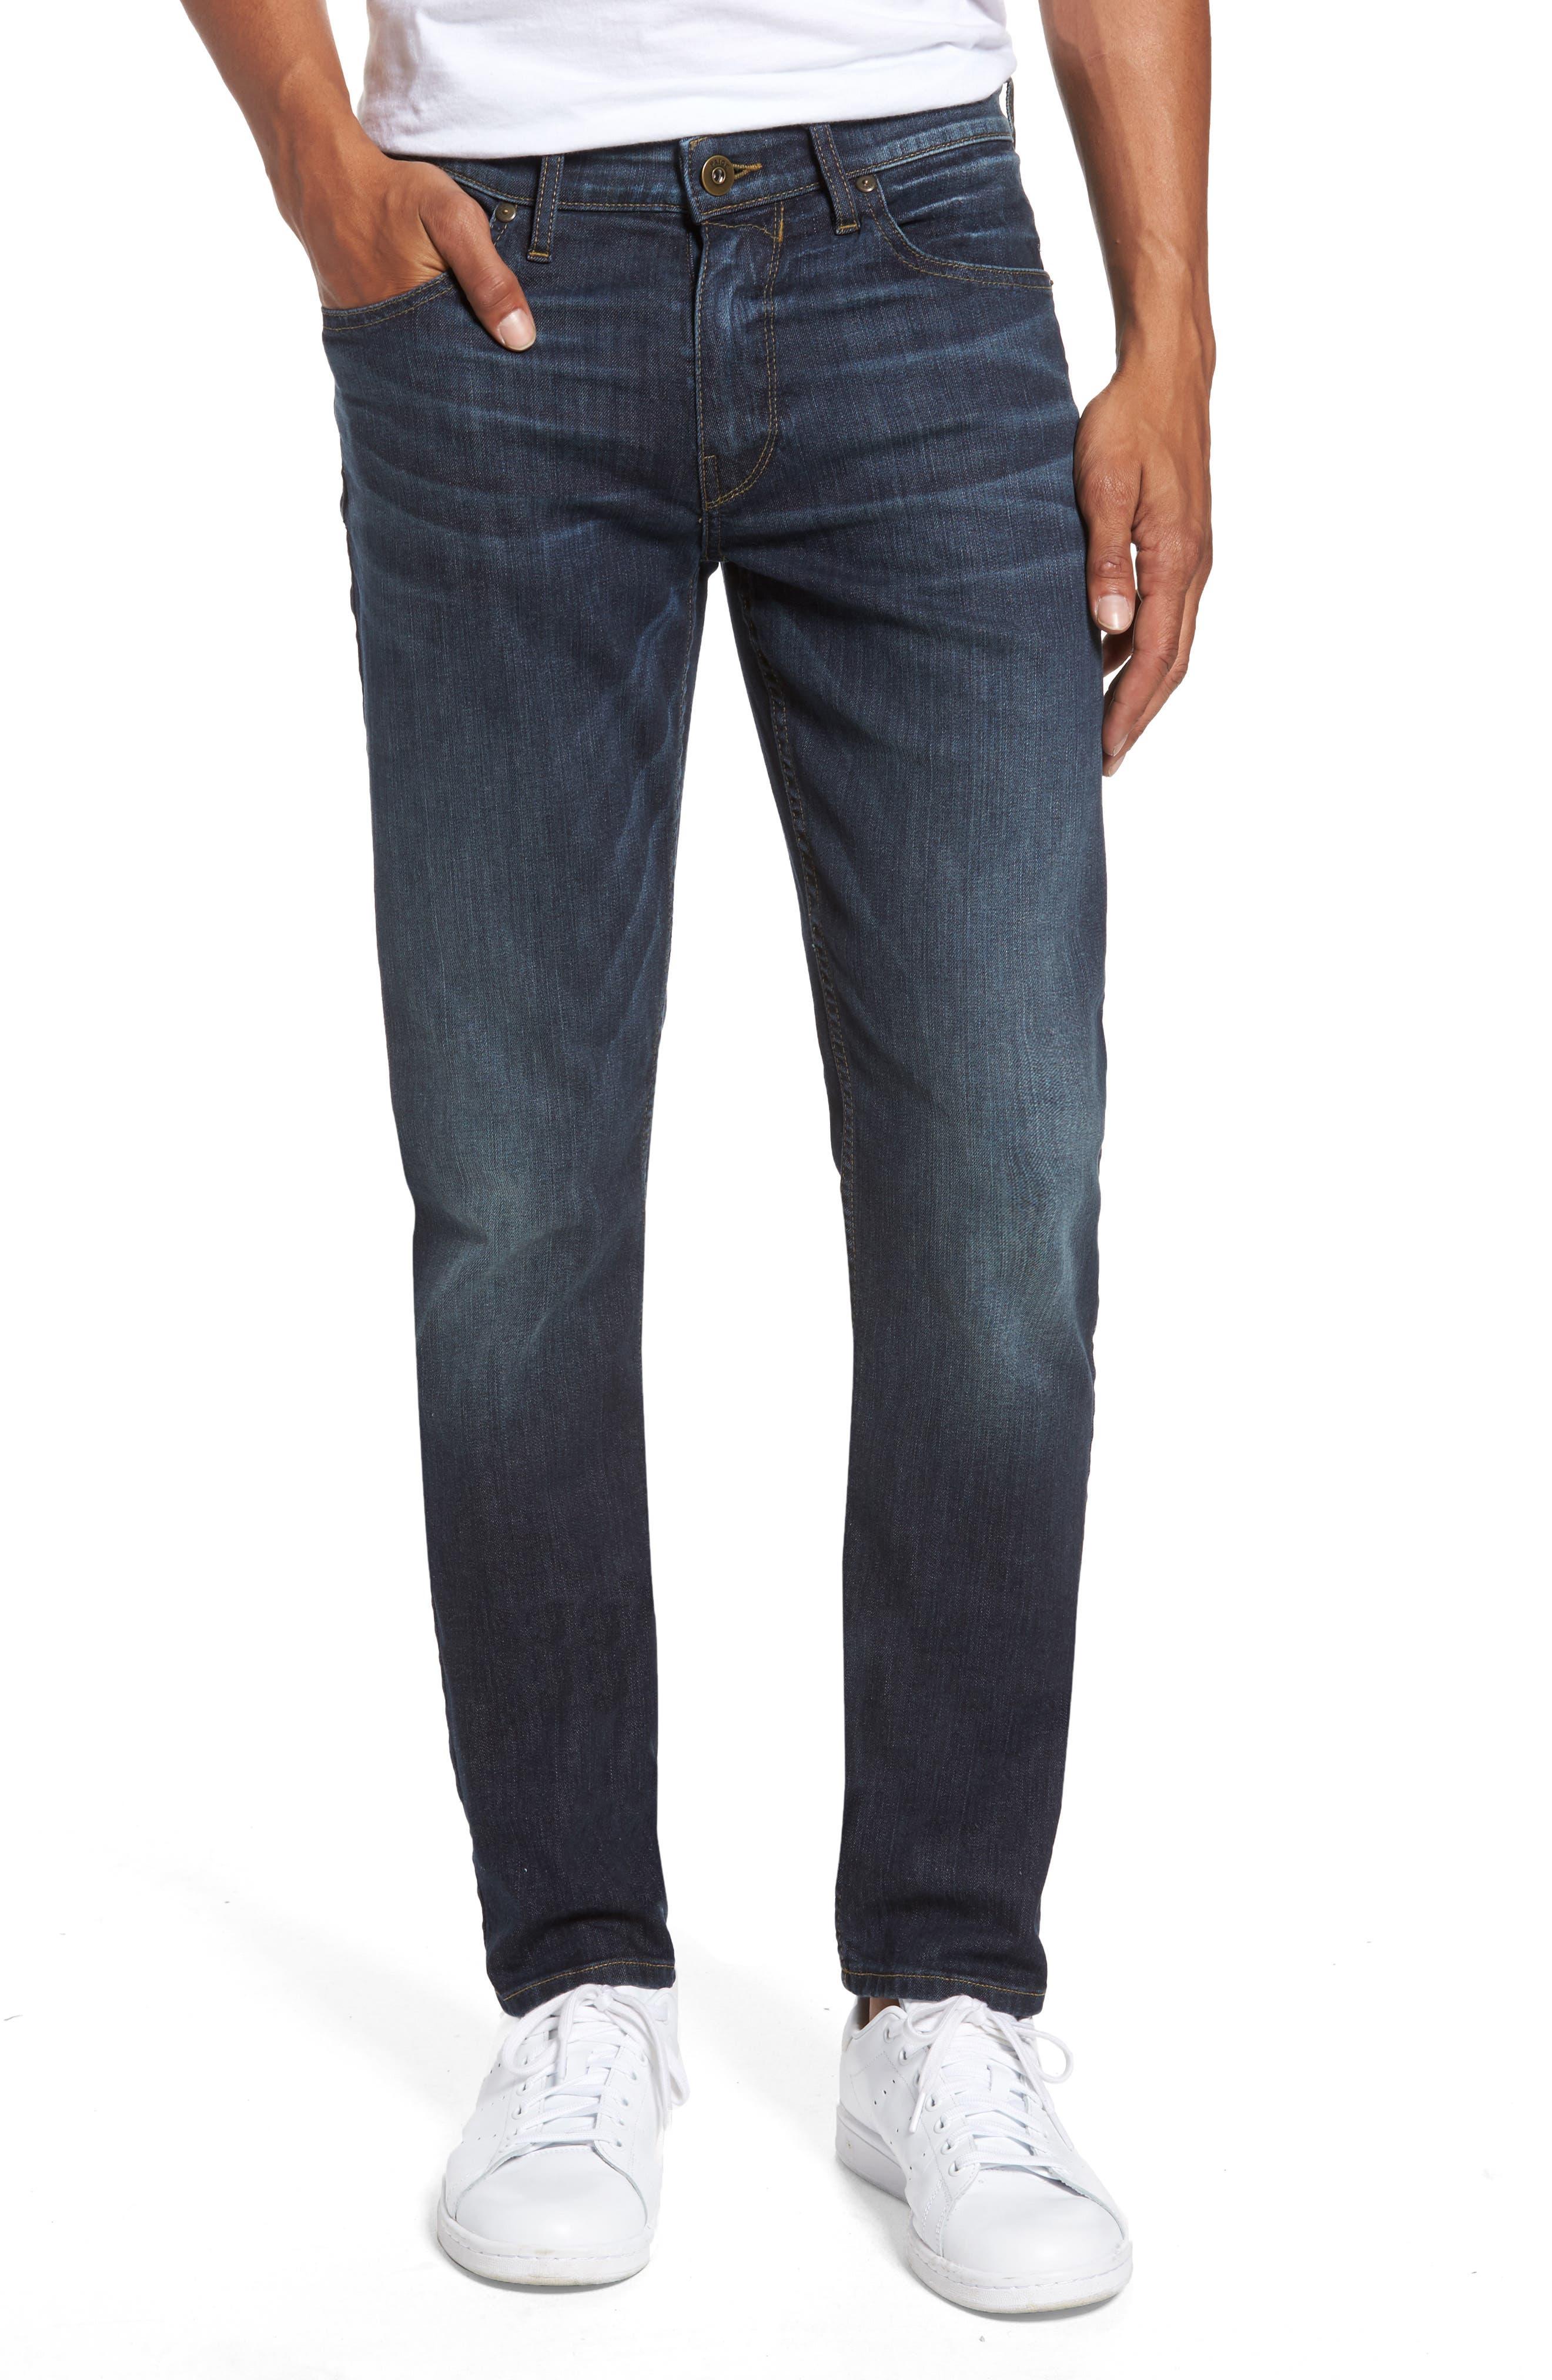 Lennox Slim Fit Jeans,                         Main,                         color, 400